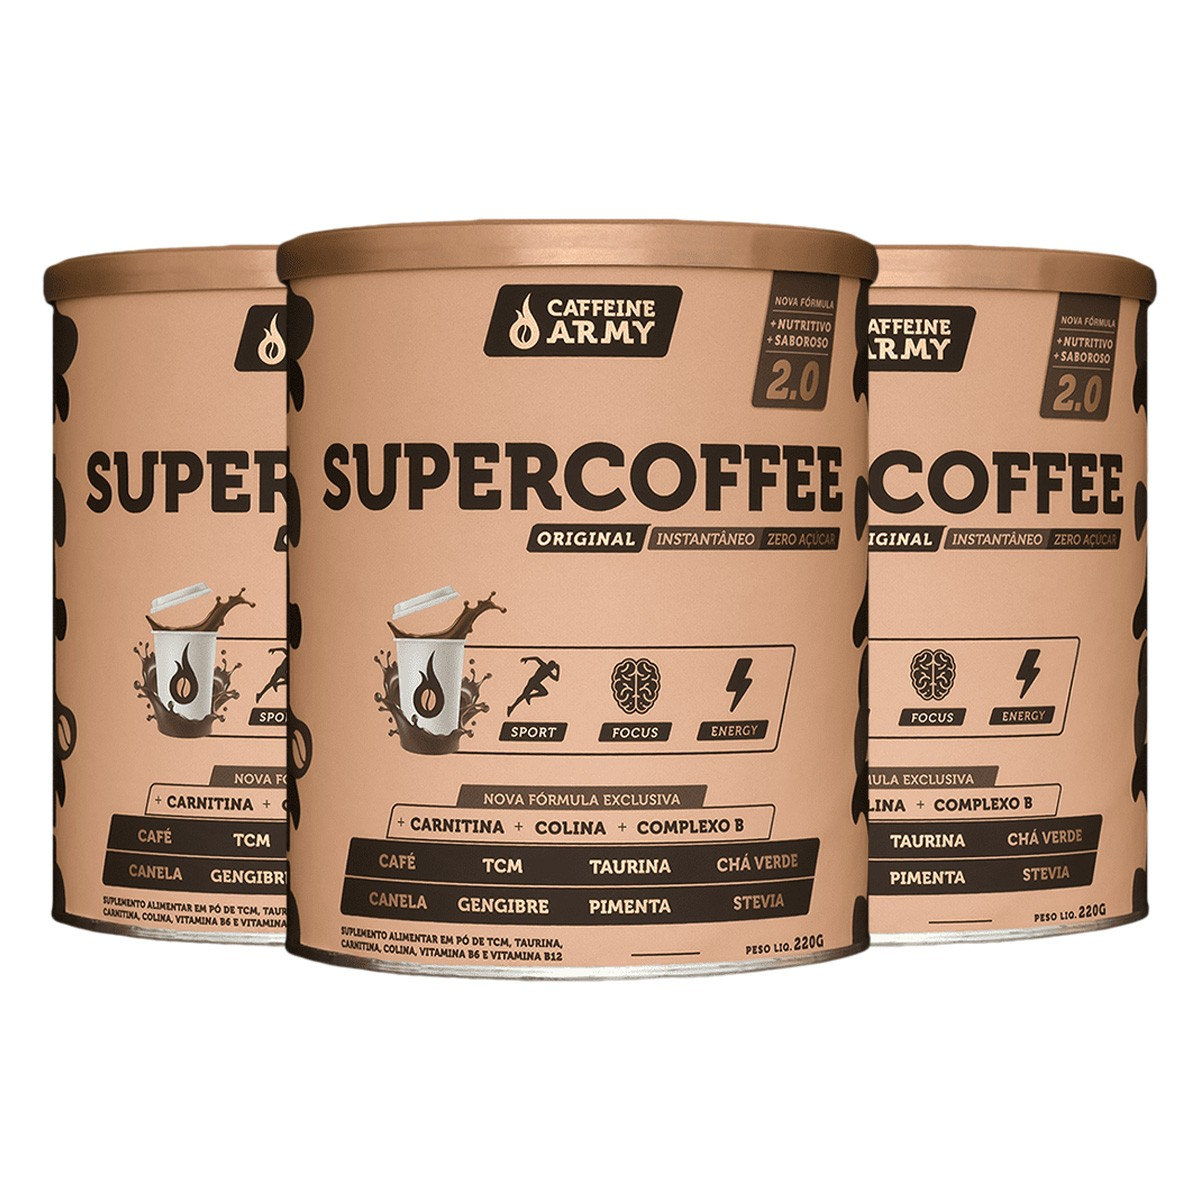 Kit 3x Supecoffee 2.0 220g - Caffeine Army